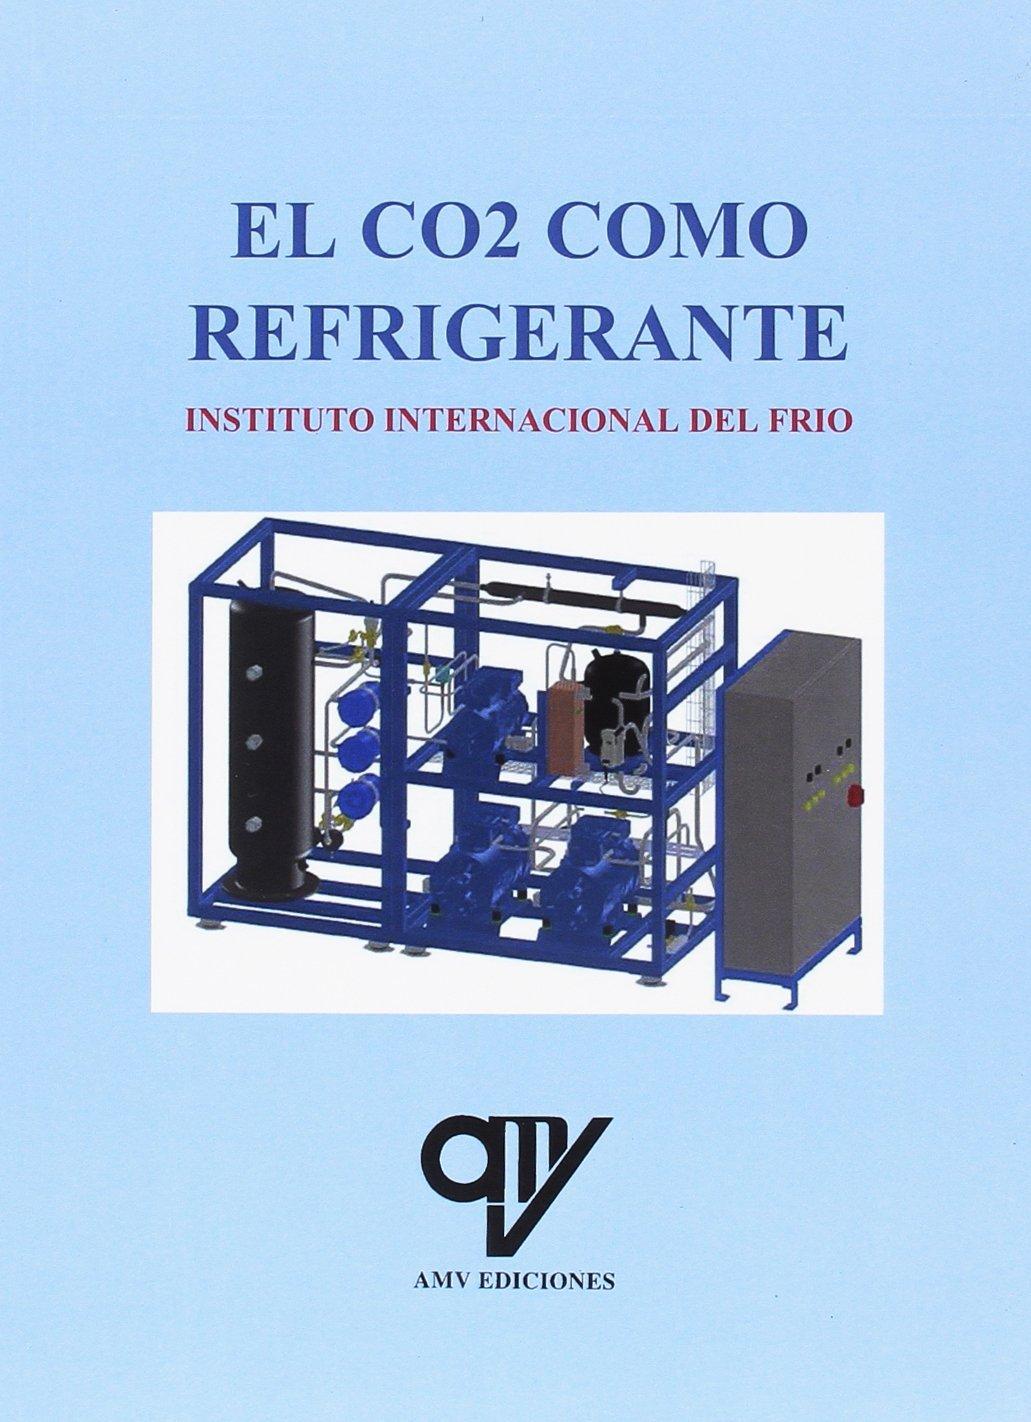 El CO2 como refrigerante: Amazon.es: Instituto Internacional del ...